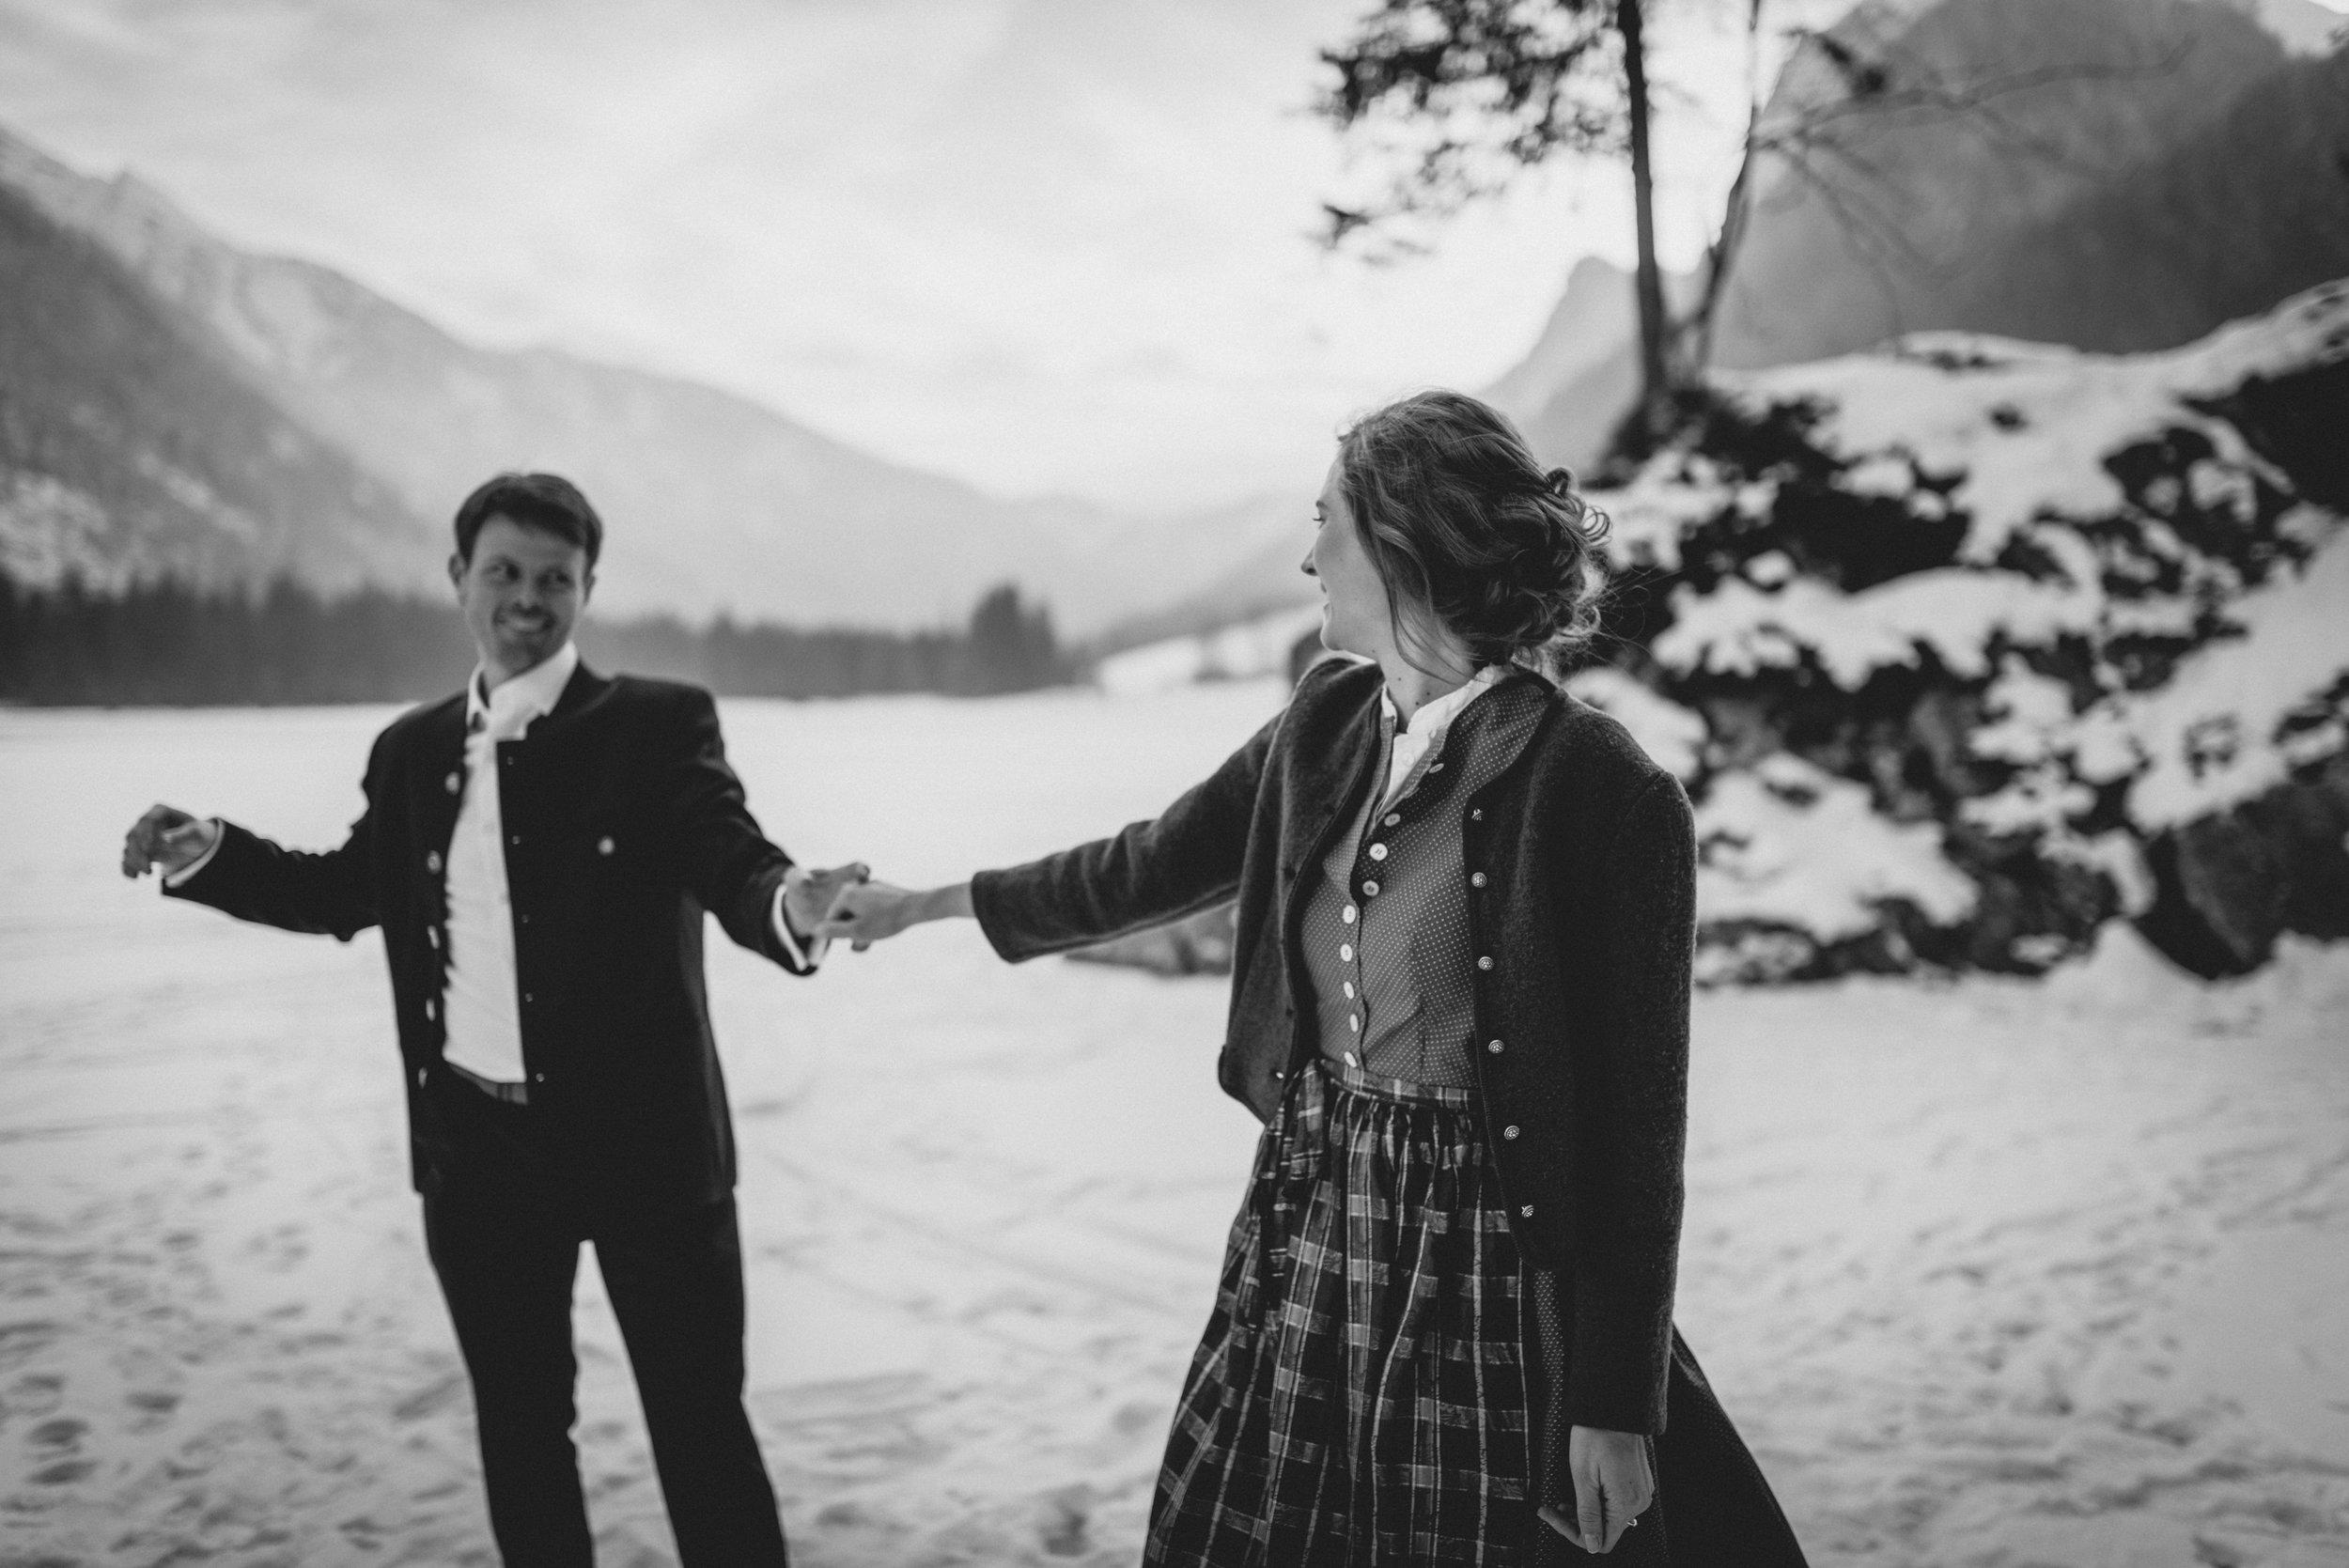 Hochzeit-Berchtesgaden-Hintersee-MissFrecklesPhotography-25.jpg